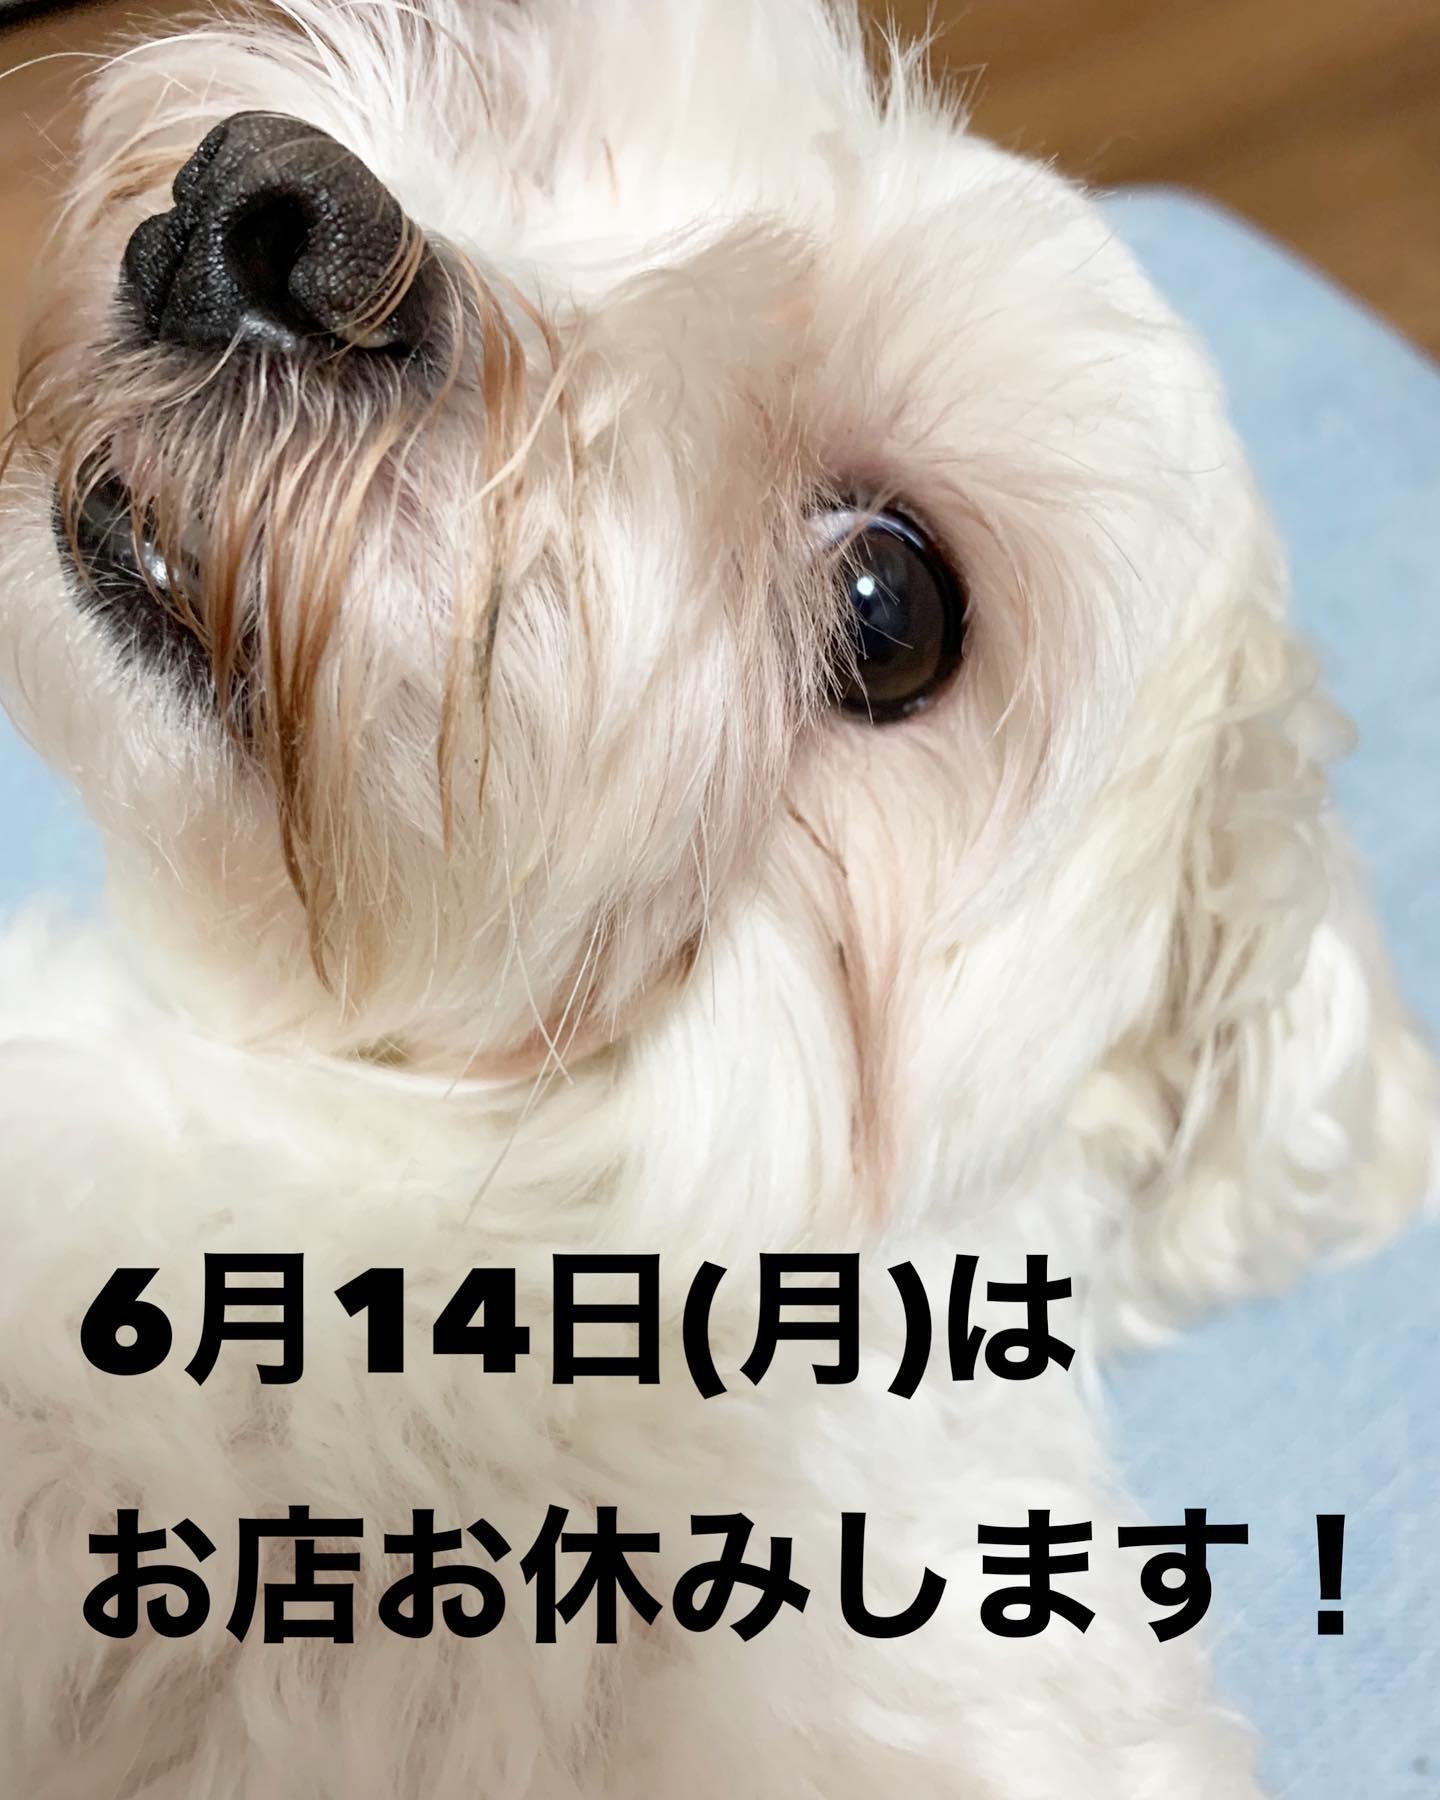 6月14日(月)はお店お休みです!急ではありますが来週月曜日はテイクアウトも含めお休みをちょうだい致します!!緊急事態宣言明けるまで店内休業中です!テイクアウトとBASE通販とfoodデリバリーはやってます!FIKA COFFEE(フィーカ コーヒー)福岡県福岡市博多区下川端町3-1 博多リバレイン1FTEL0922926601営業時間→平日10:00〜18:30  土日祝10:00〜18:00店休日→不定休(早く閉めたり休んだりすることもあります)#福岡グルメ#福岡カフェ#博多#博多カフェ#中洲#博多座#福岡アジア美術館#クッキー#福岡クッキー#cookie#くまチョコミルク#ランチ#ティラミス#フレンチトースト#ummp#うむぷ#赤毛のマチコ#たま乗りジョニーのコーヒーゼリー#コーヒーゼリー#テイクアウト#サンドイッチ